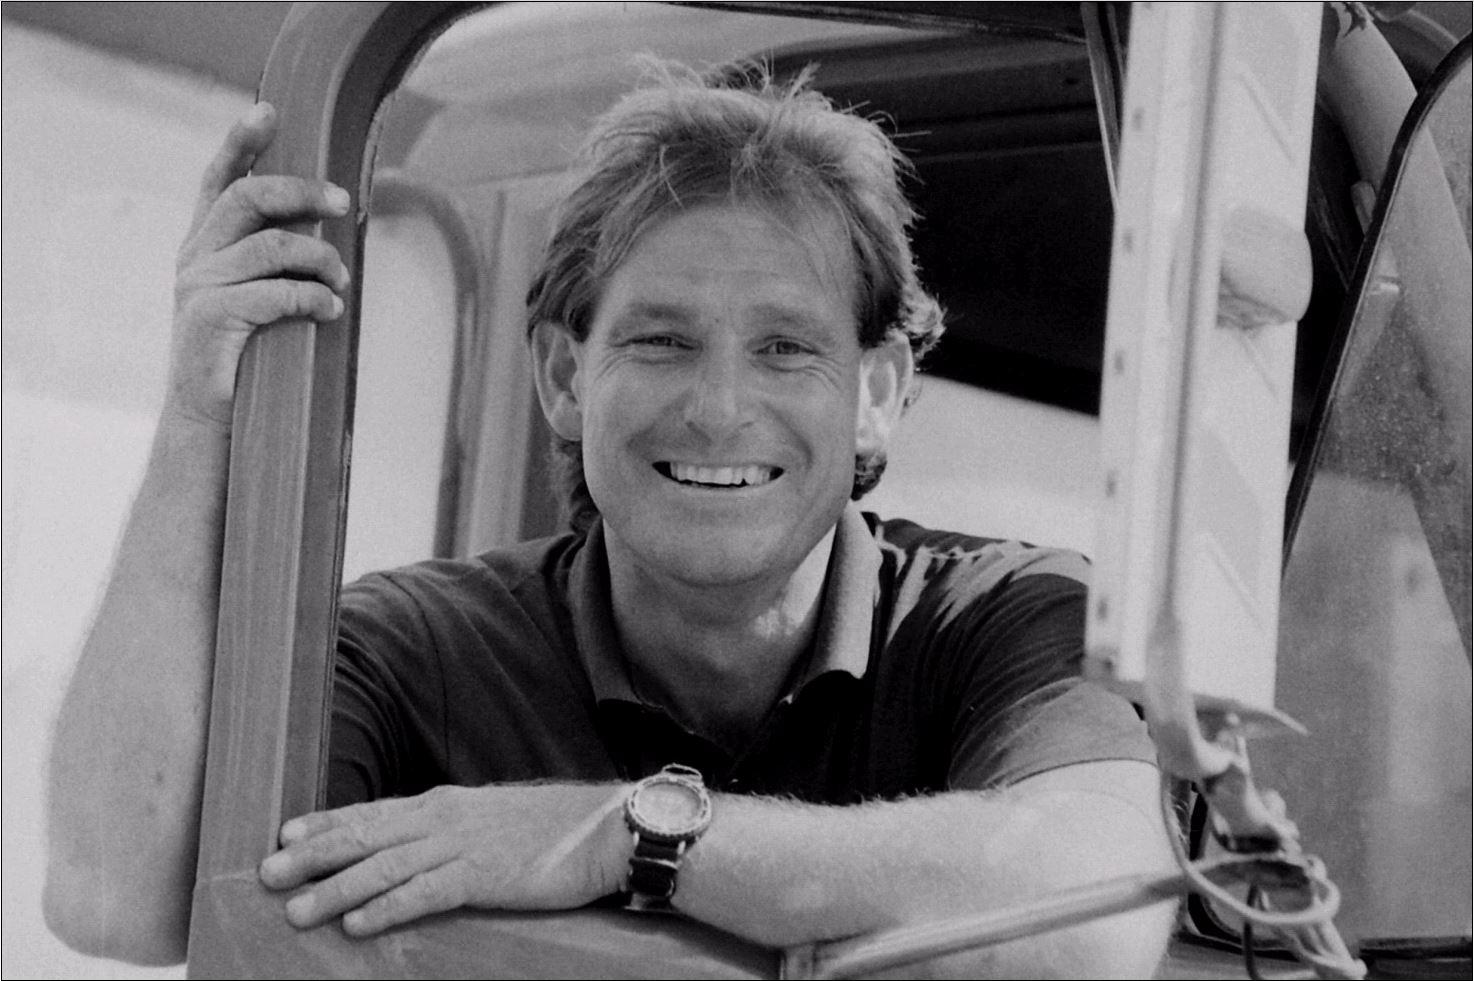 Former Lismore man Jeffery Brackenrig in a photo taken by Jacklyn Wagner in 1995.